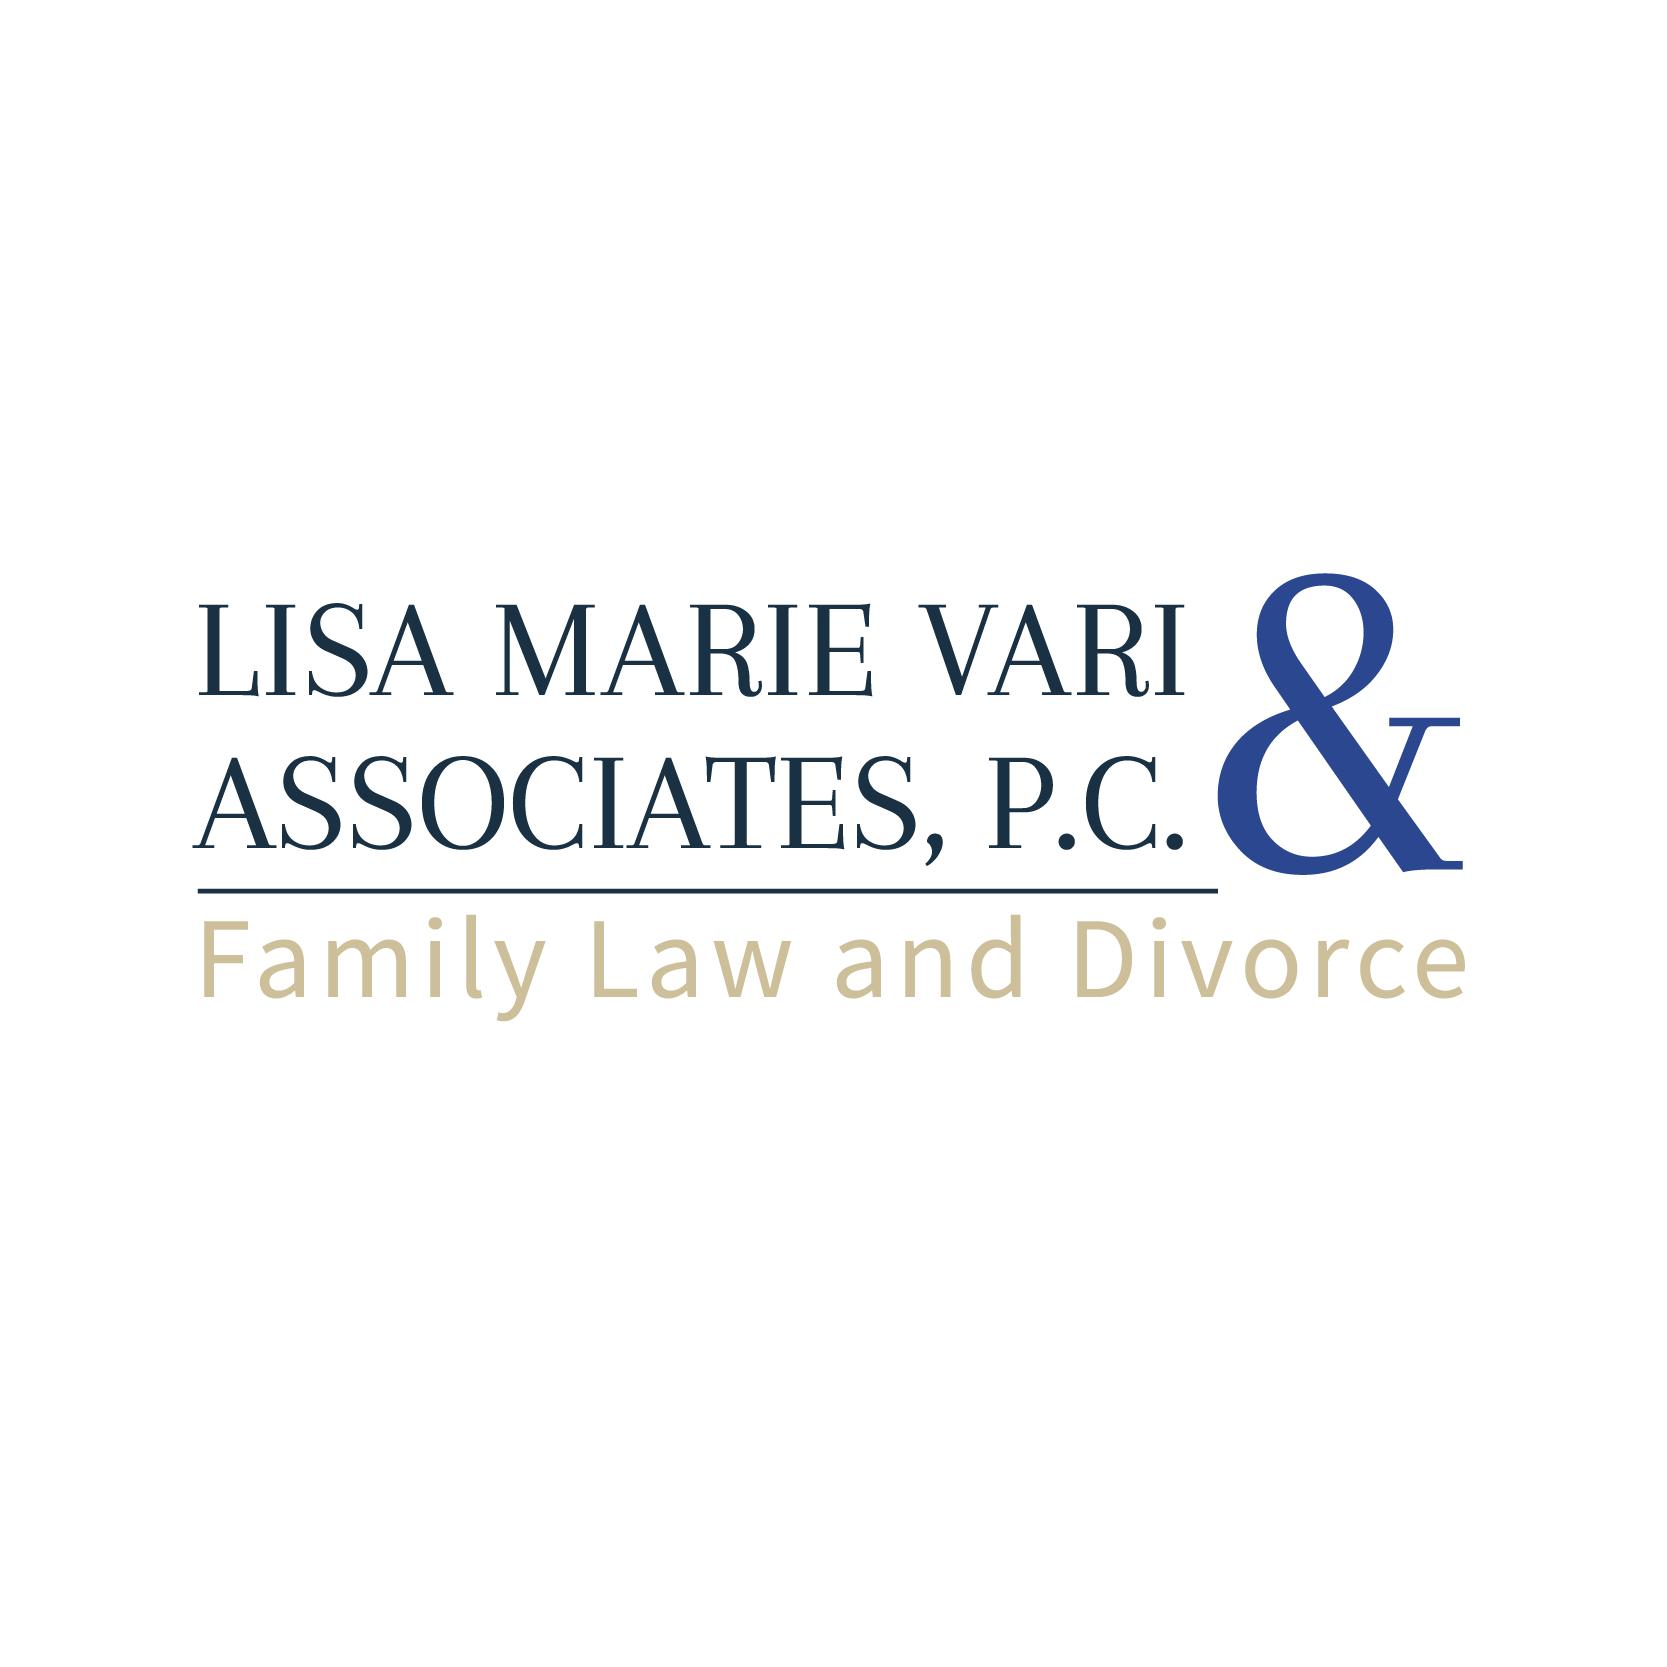 Lisa Marie Vari & Associates, P.C.